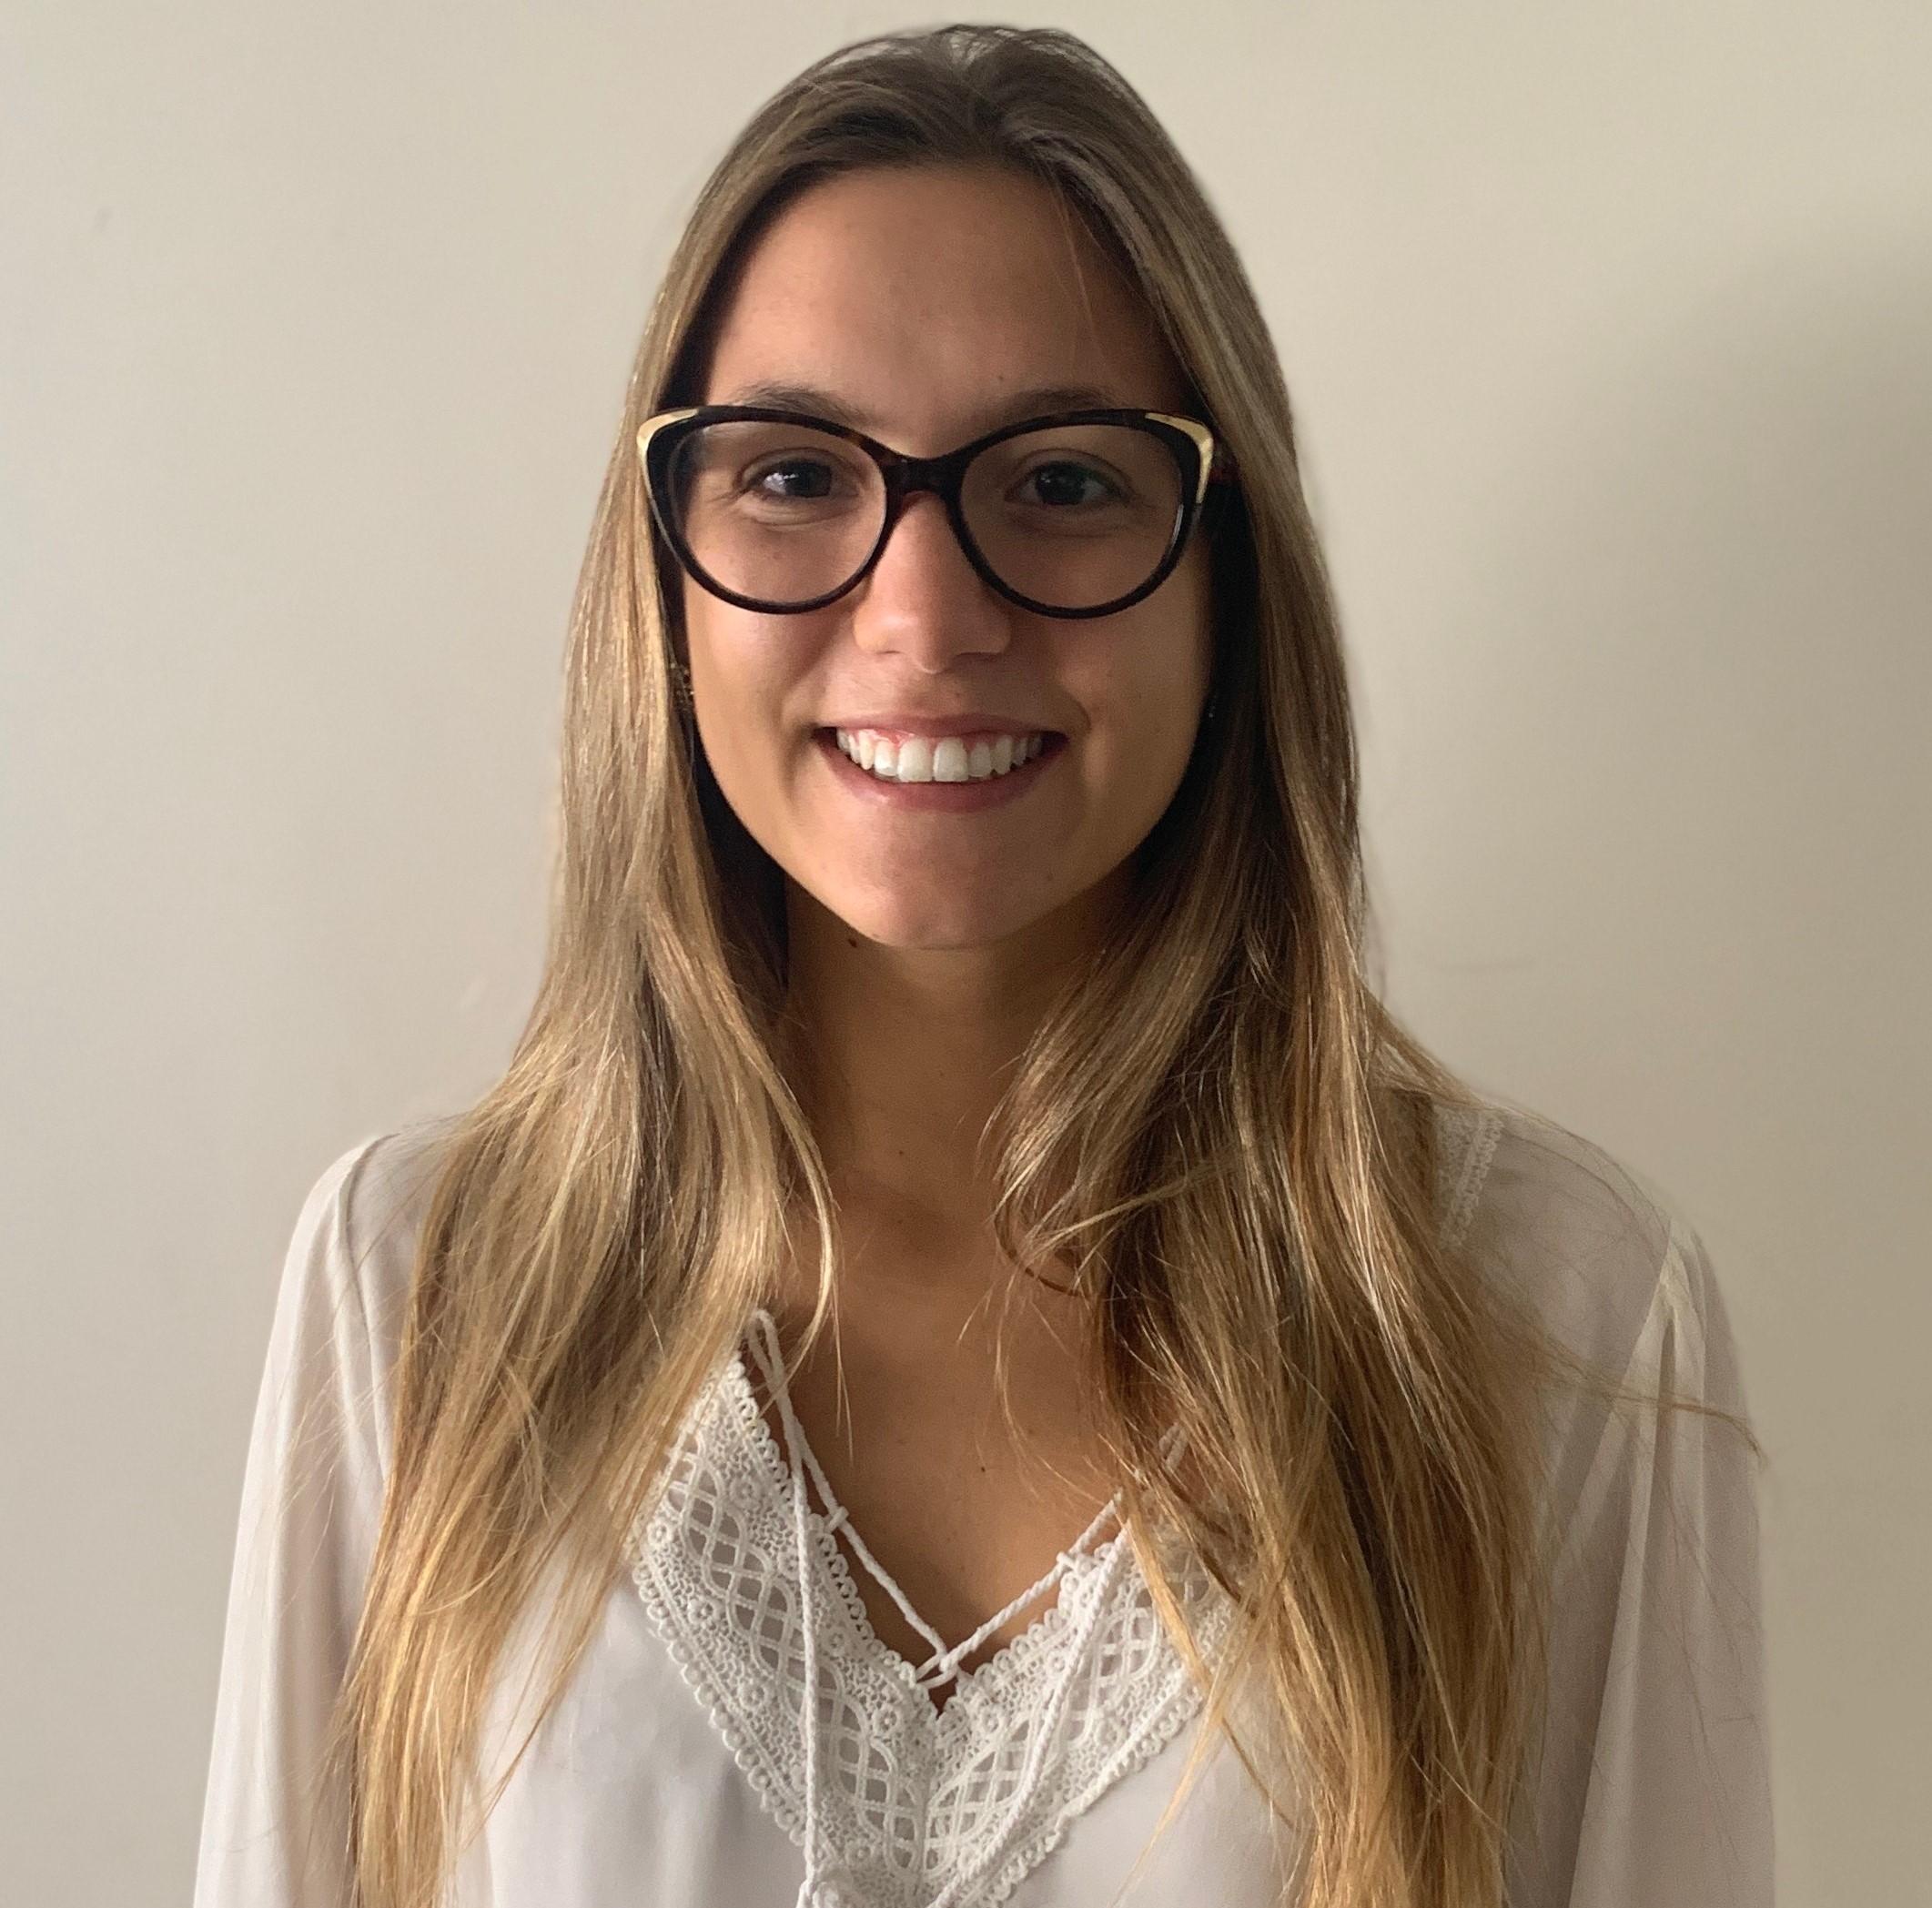 Clara Berenguer Ledo